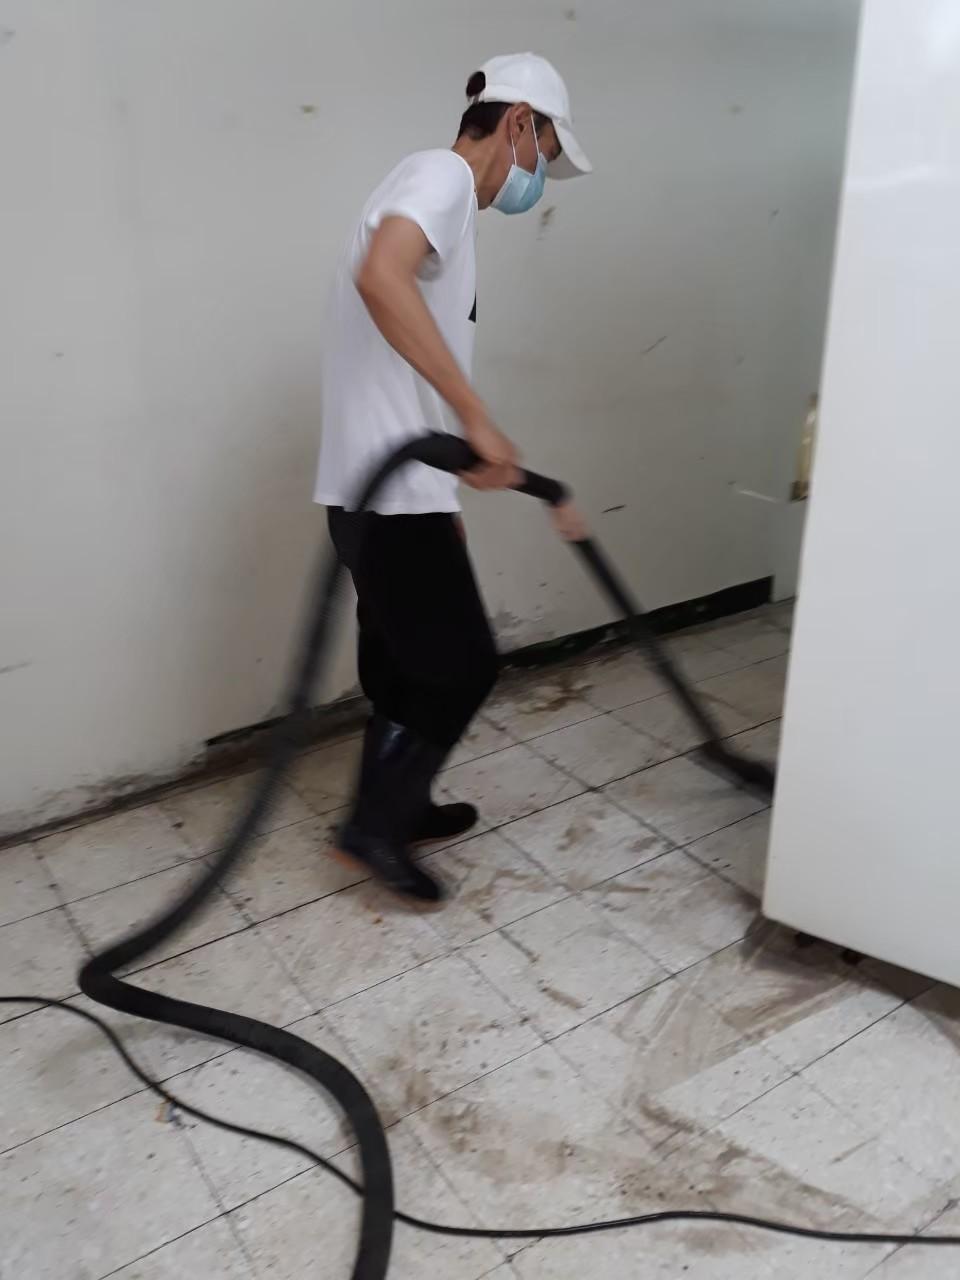 台中地板清洗,台中洗地打蠟